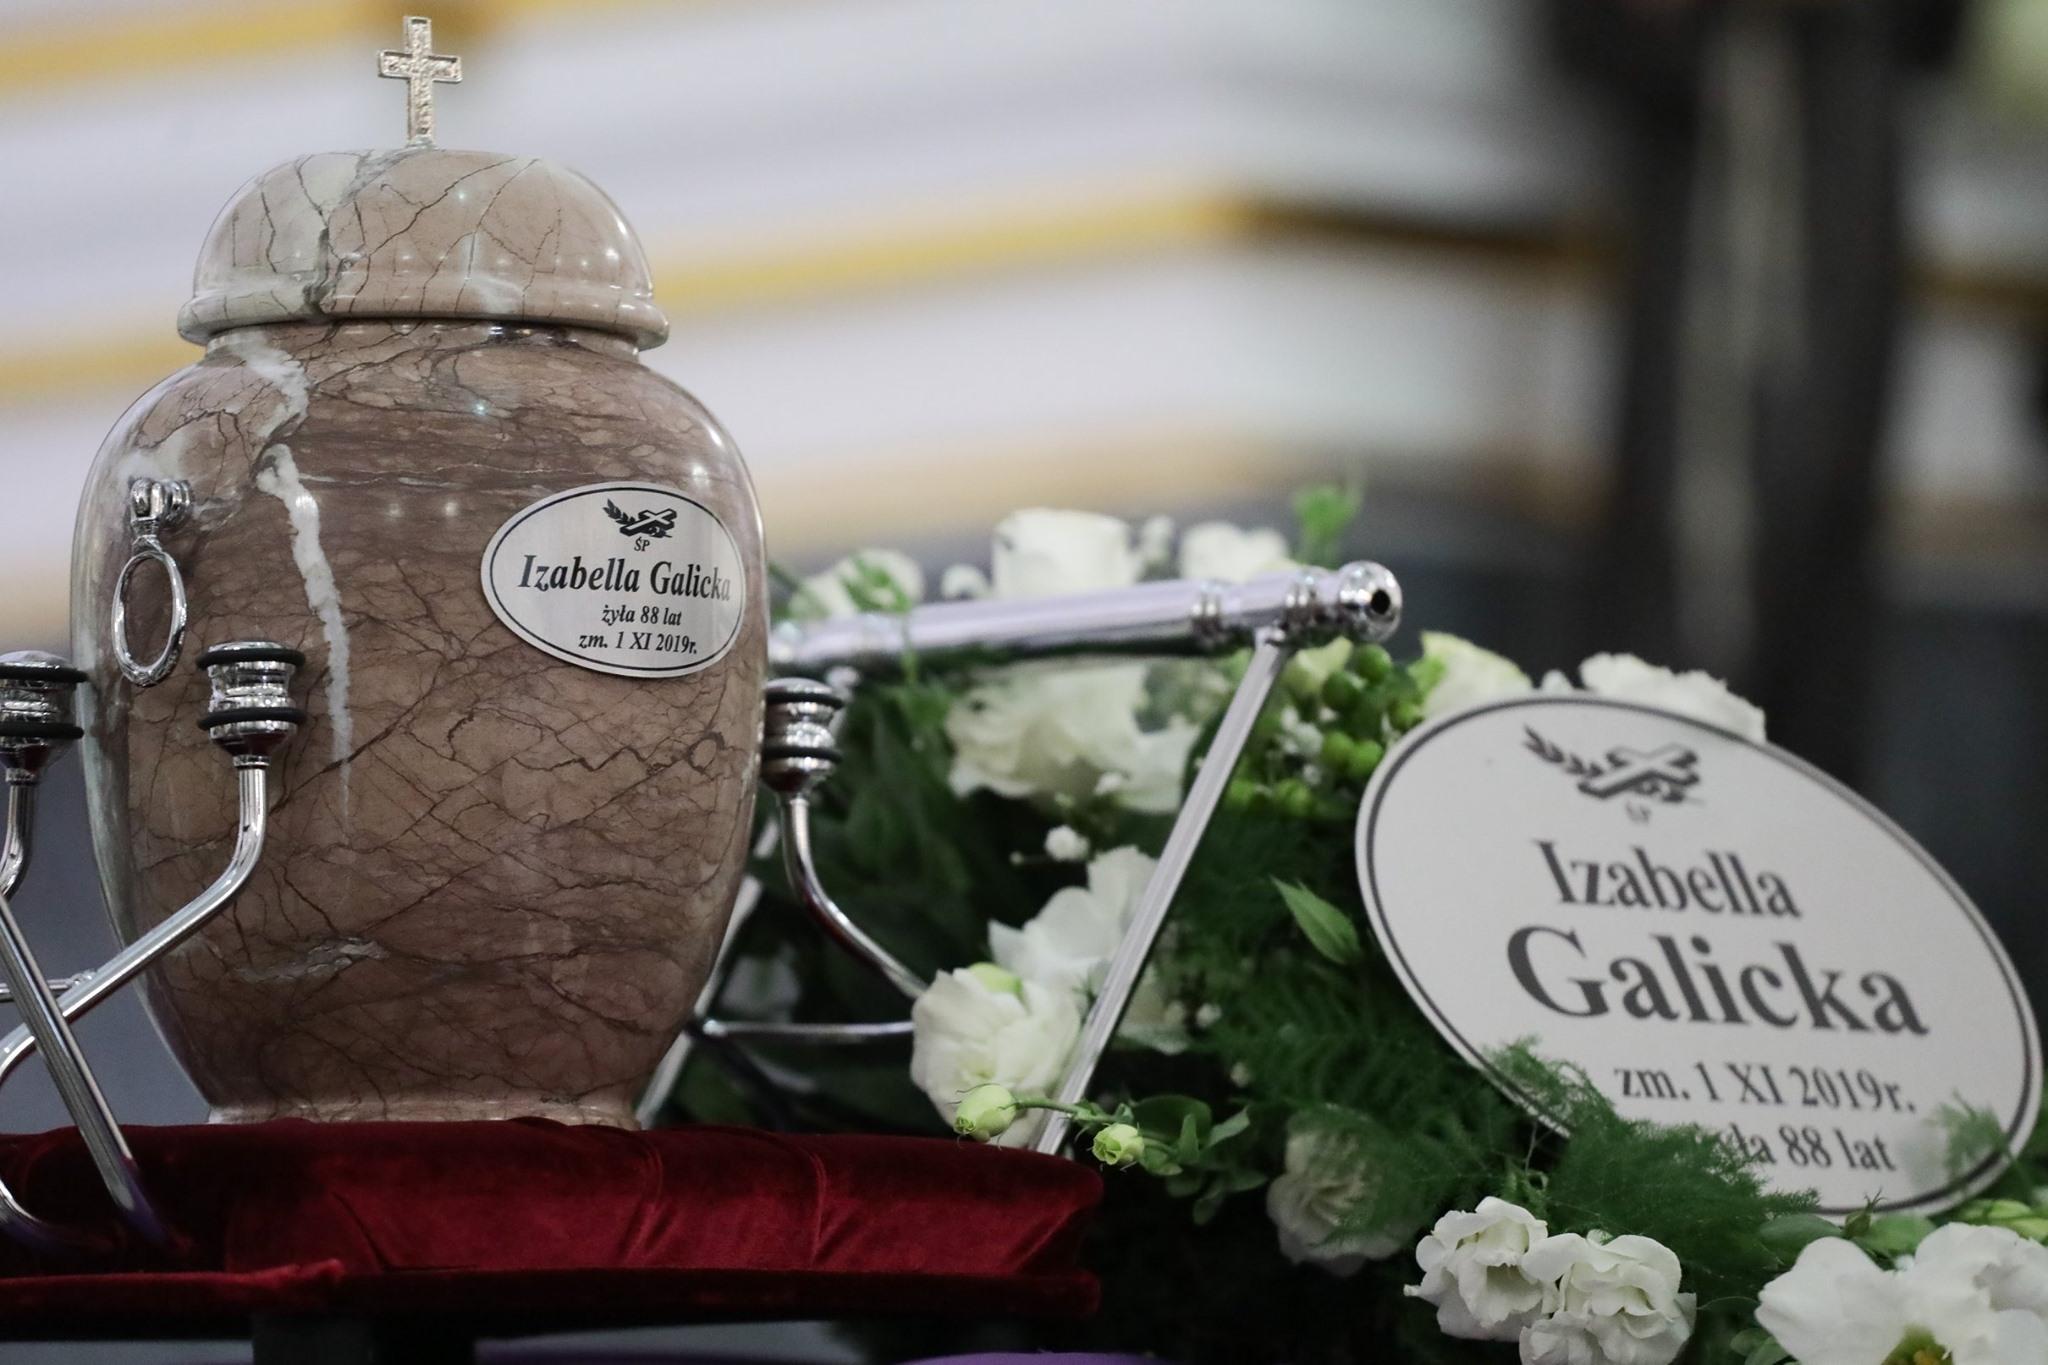 Uroczystości pogrzebowe śp. Izabelli Galickiej